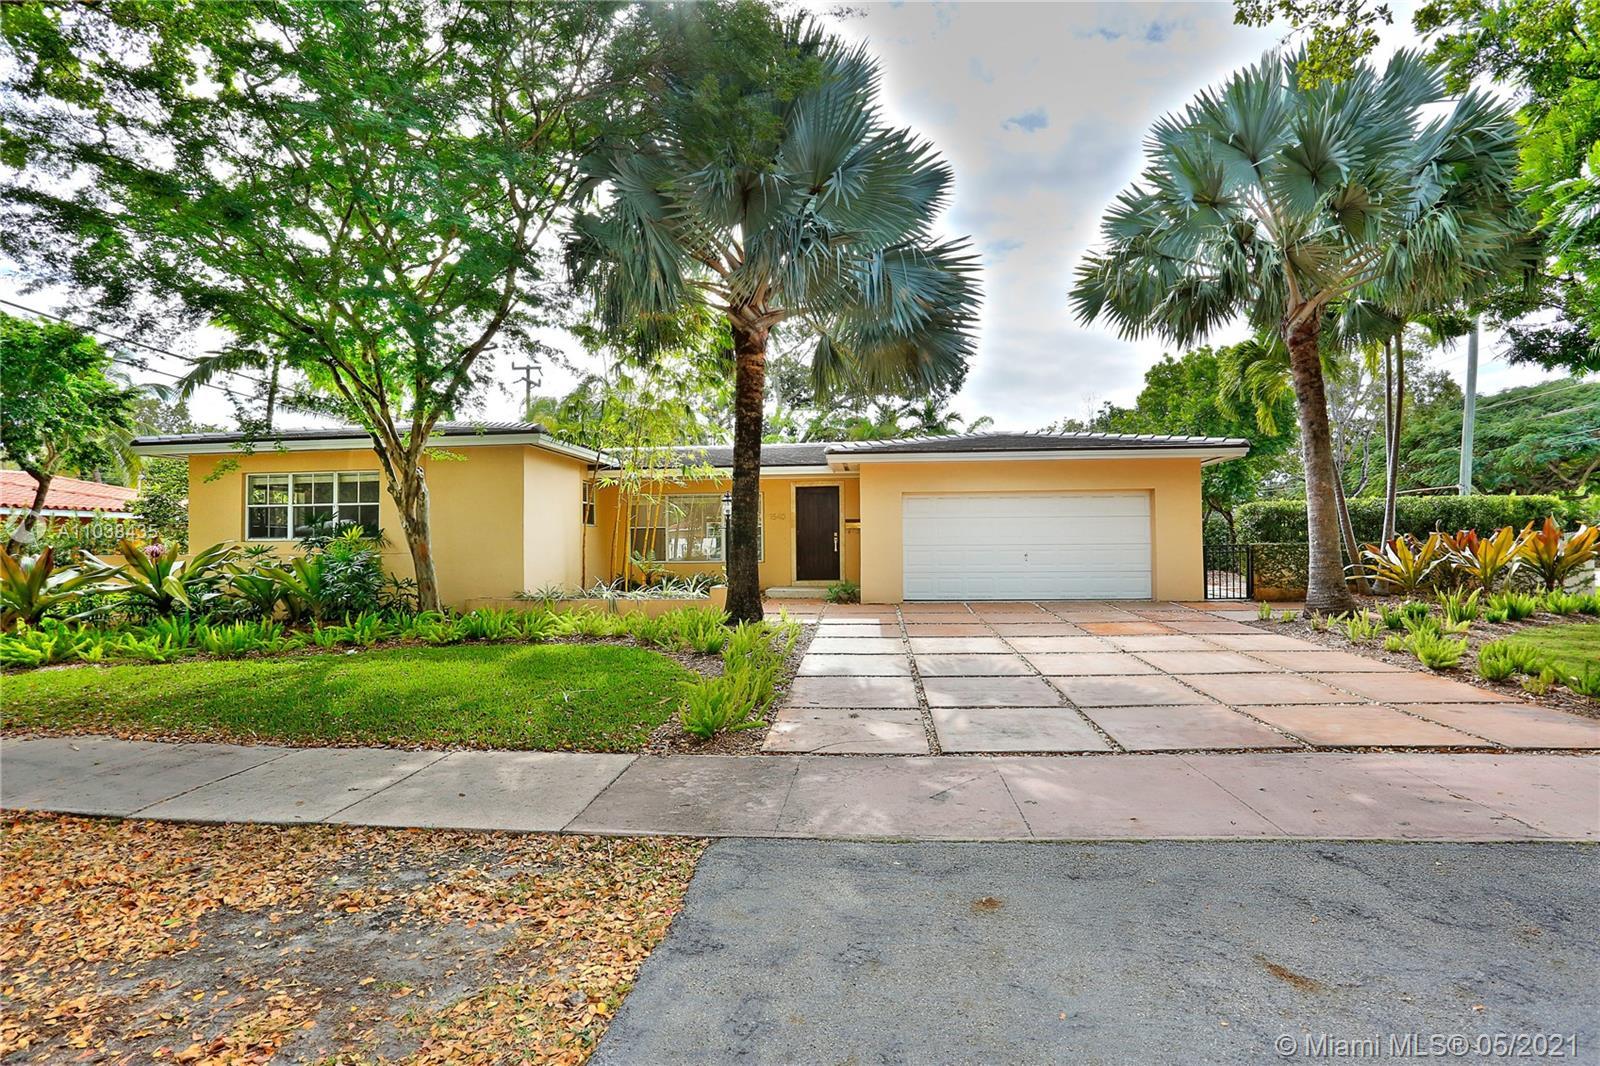 South Miami - 1540 Cecilia Ave, Coral Gables, FL 33146